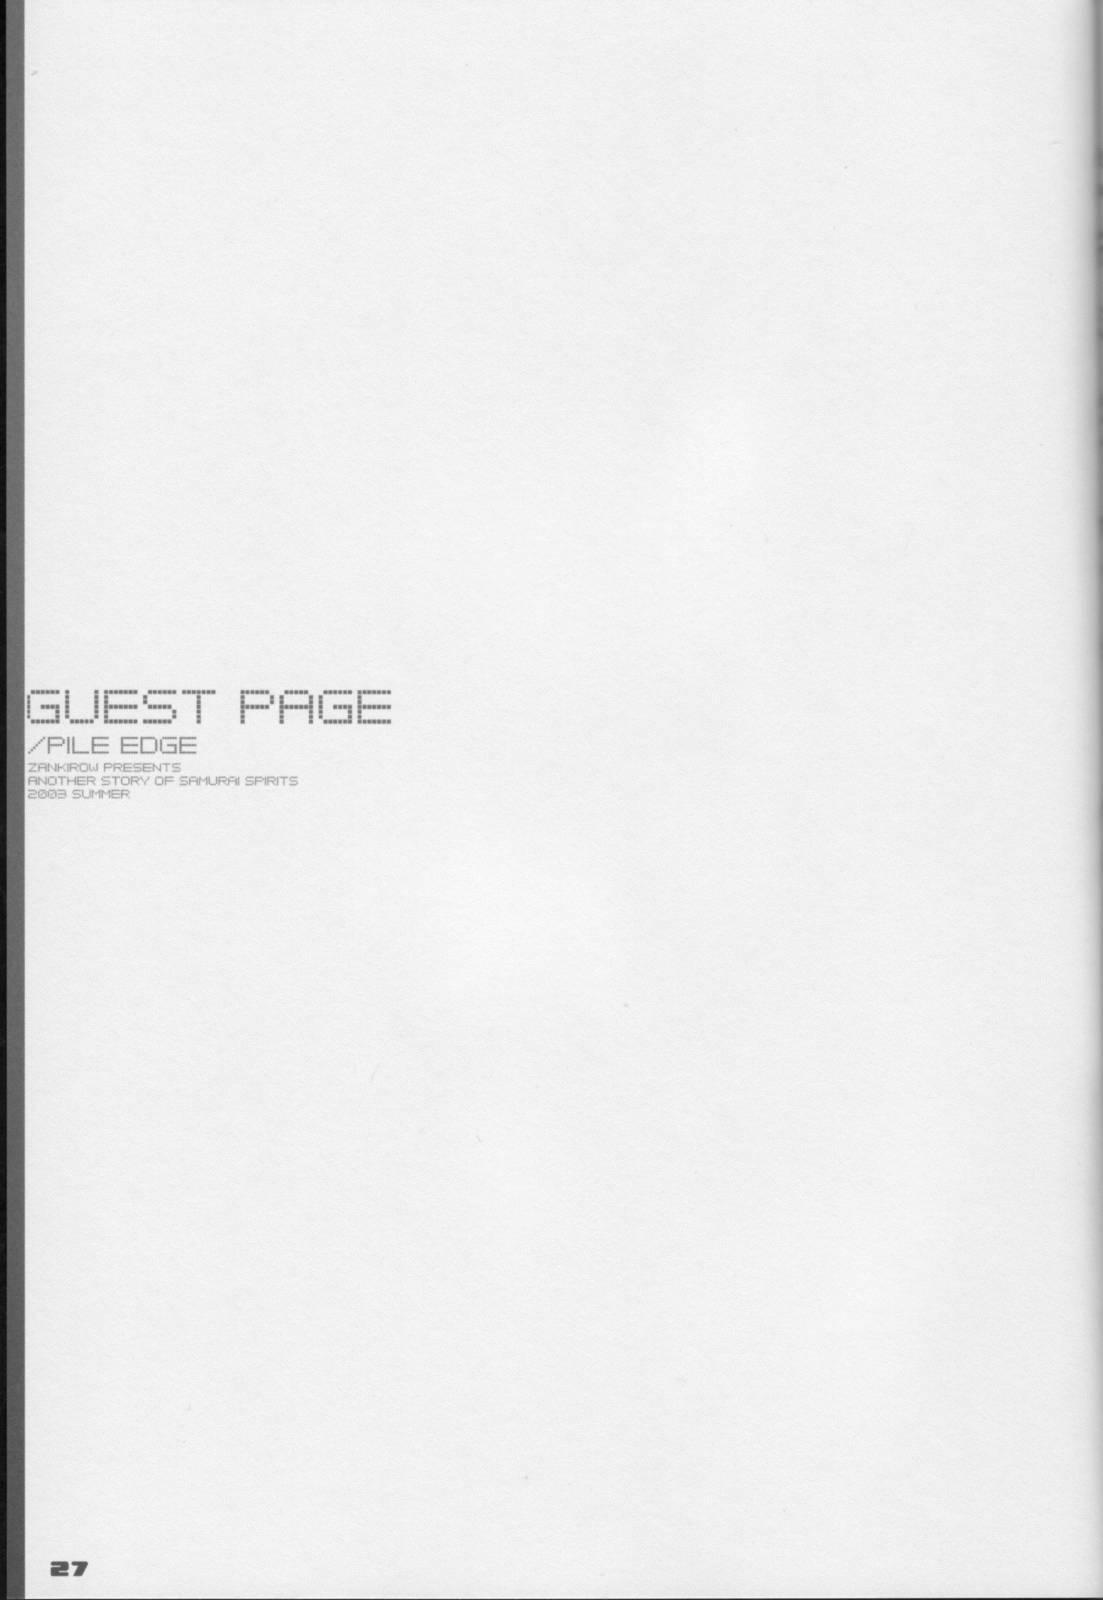 PILE EDGE 24